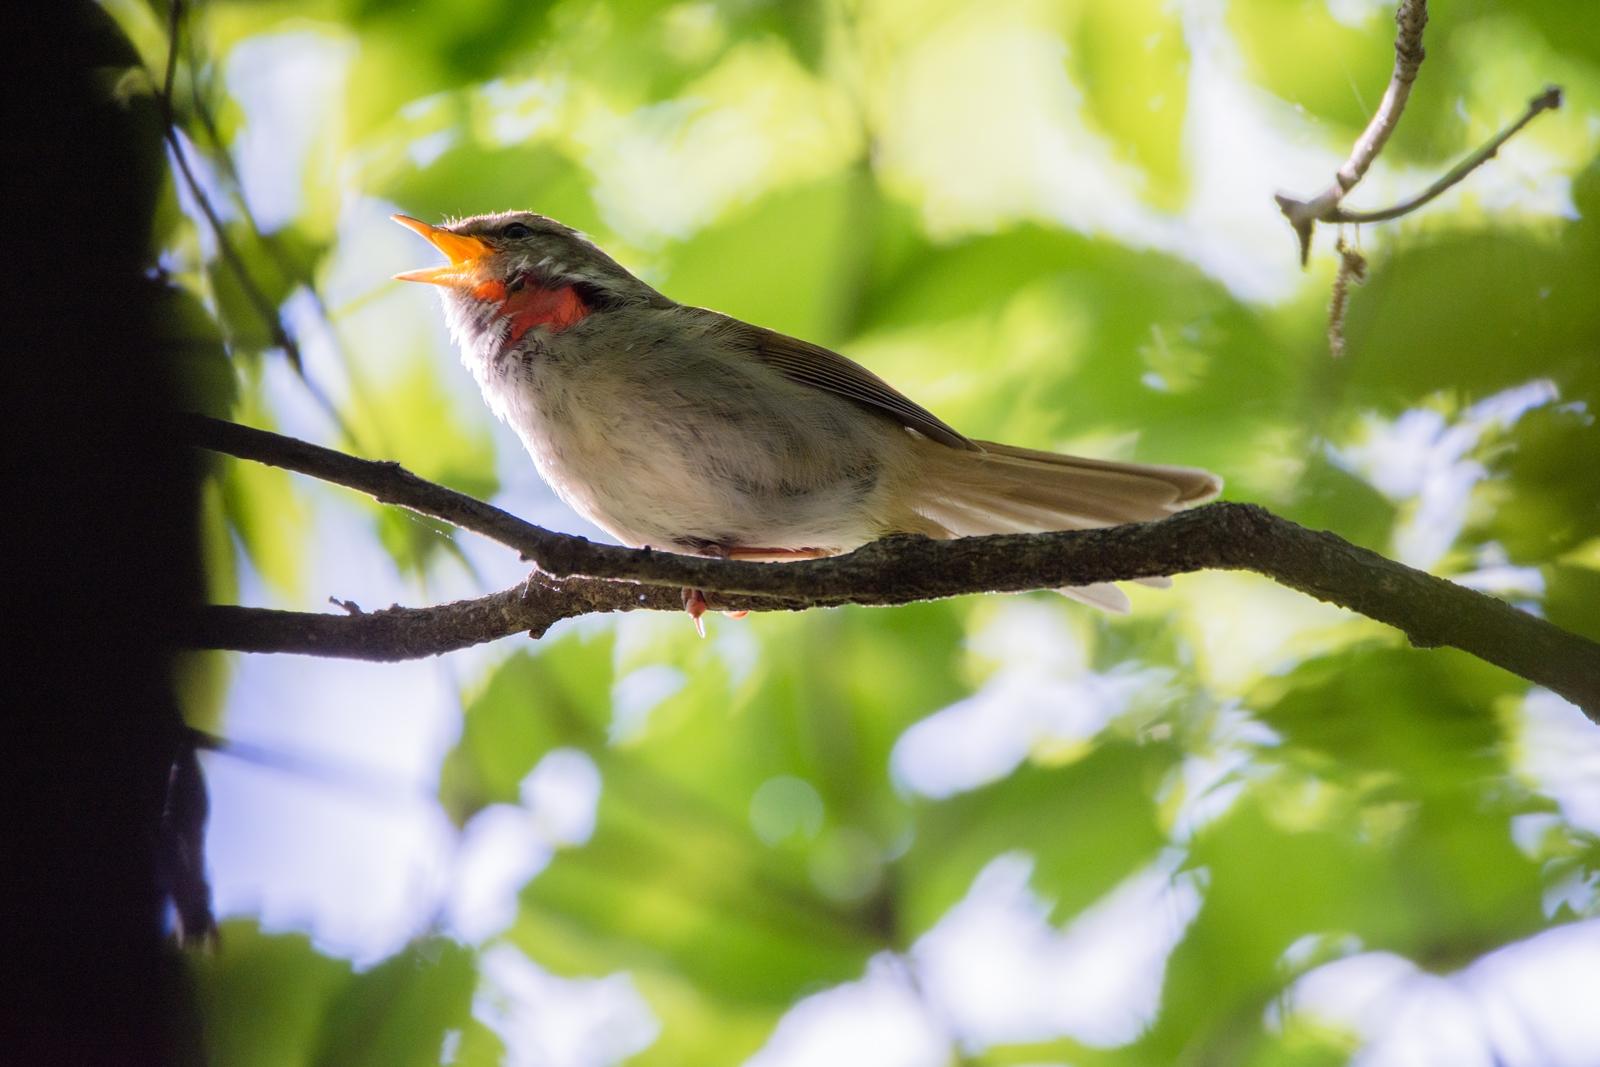 Photo: 「美しい響き」 / Beautiful voice.  届け届け どこまでも 精いっぱいに喉を震わせ 想いをのせて歌を歌う  Japanese Bush Warbler. (ウグイス)  ※喉は怪我等ではなく 喉を膨らませることで毛が逆立ち肌が見えています。  Nikon D7200 SIGMA 150-600mm F5-6.3 DG OS HSM Contemporary  #birdphotography #birds  #kawaii #ことり #小鳥  #nikon #sigma   ( http://takafumiooshio.com/archives/2462 )